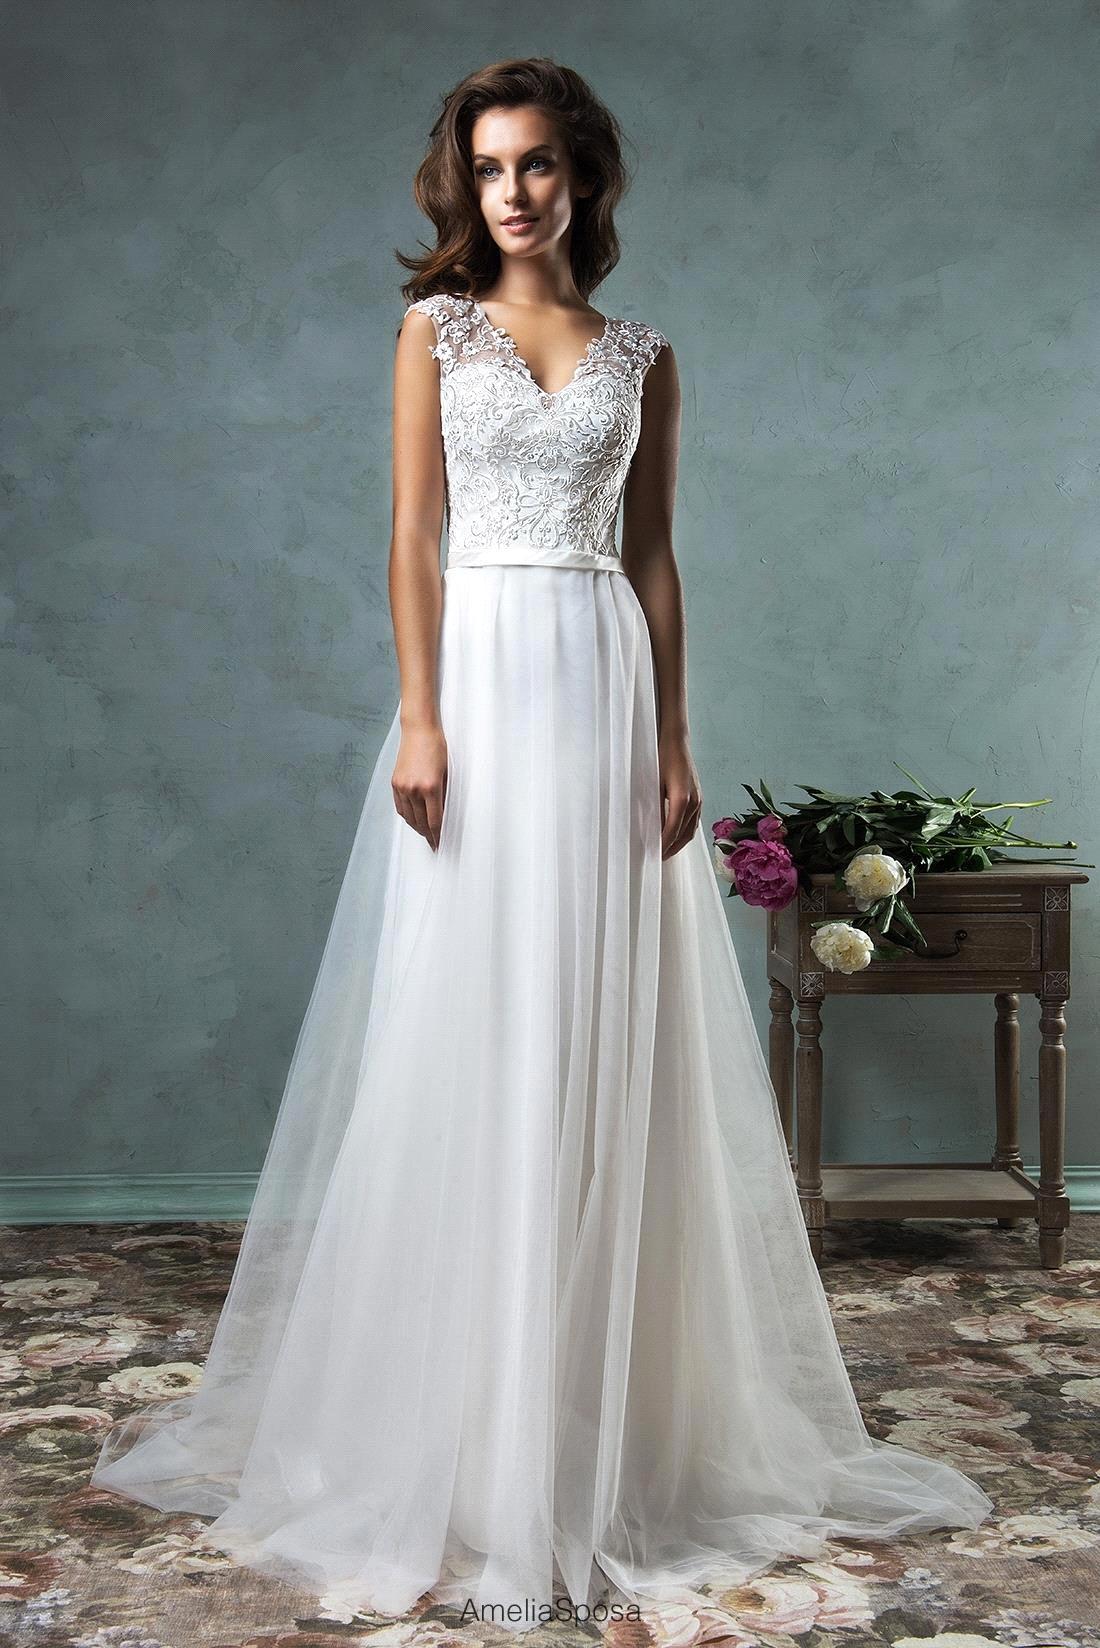 robe de mariage Elegant vestido de noiva Lace Sheer Back